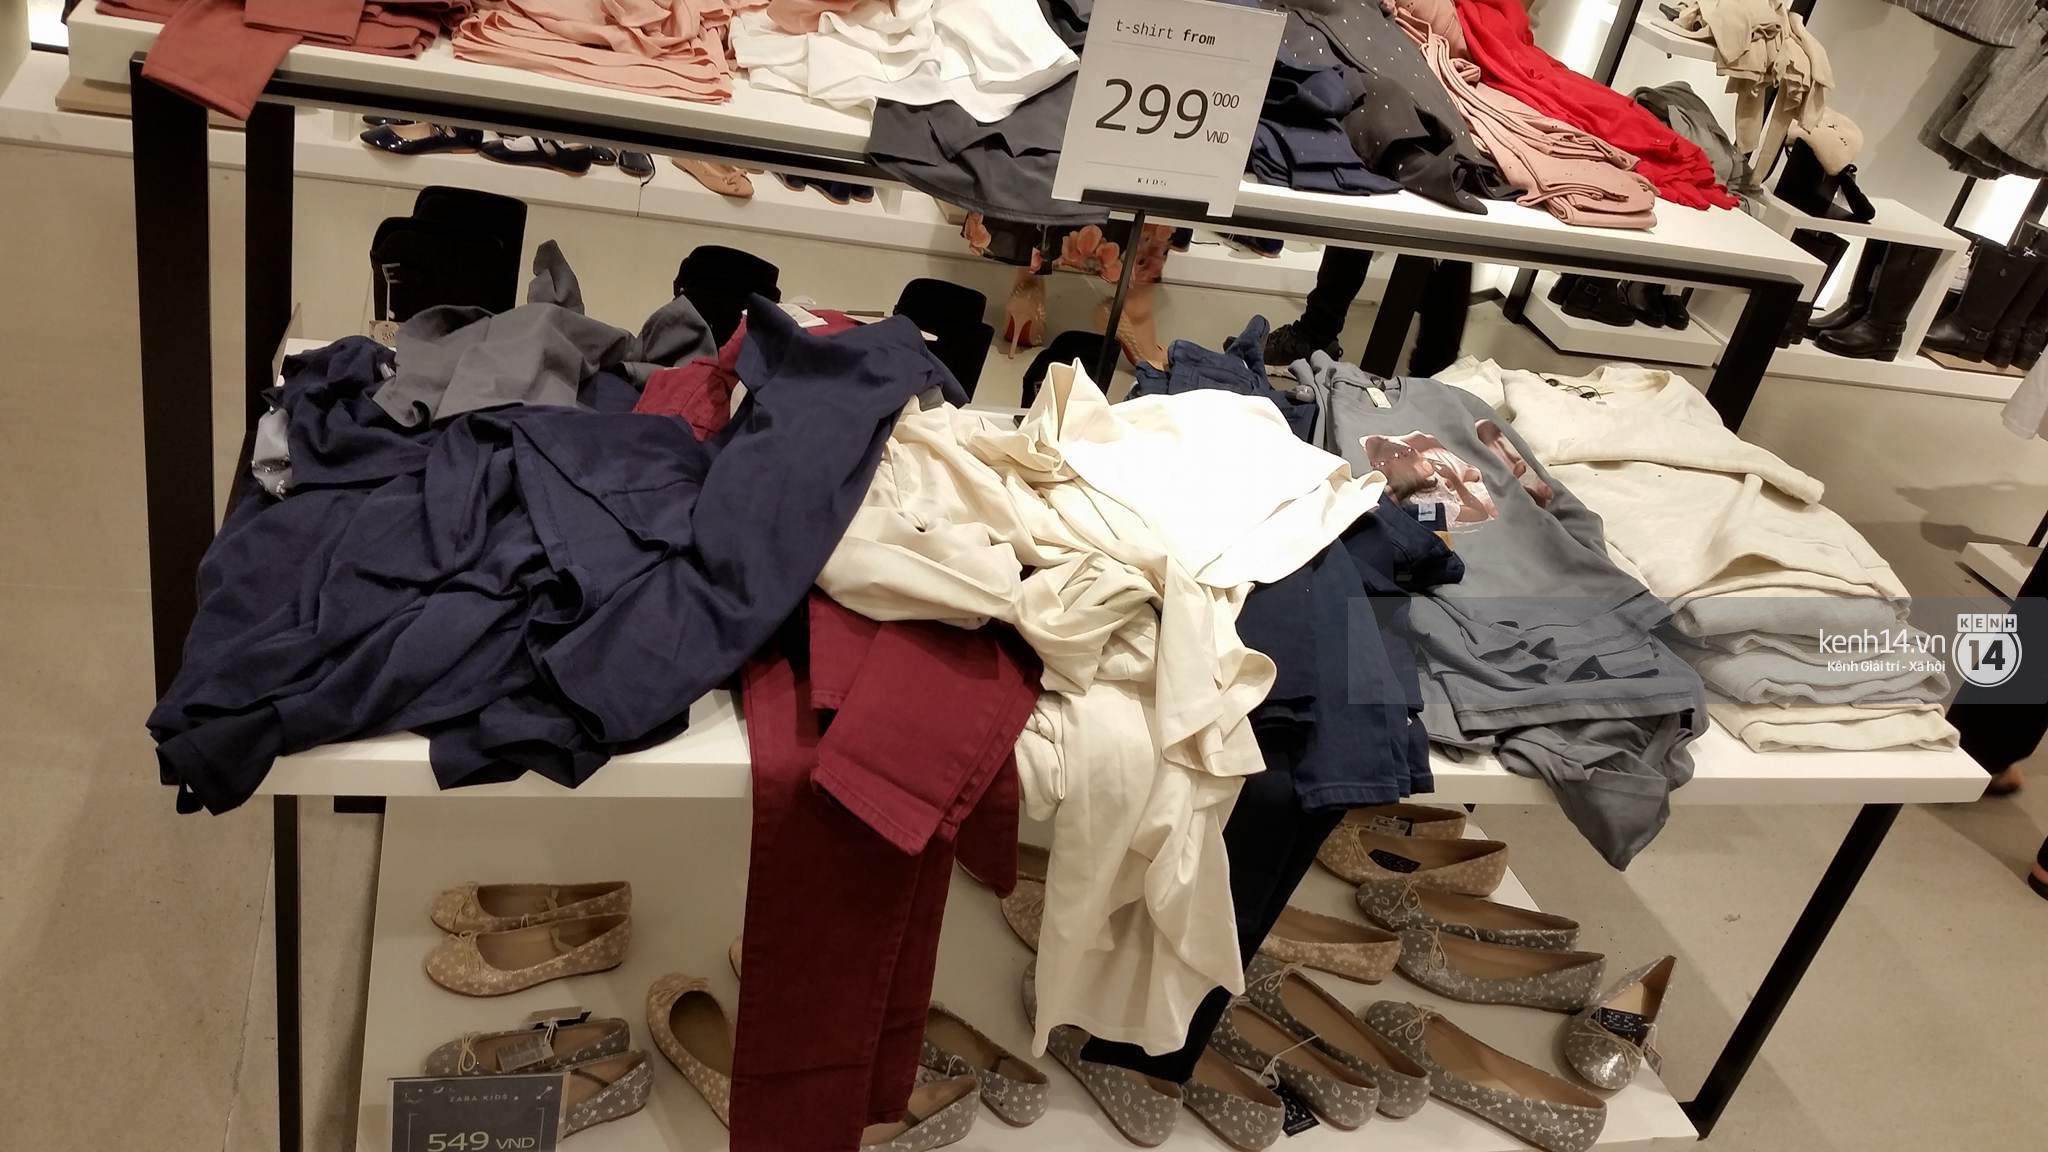 Gần đến giờ đóng cửa, store Zara Việt Nam vẫn đông nghịt, từng hàng dài chờ thanh toán hóa đơn cả chục triệu - Ảnh 13.